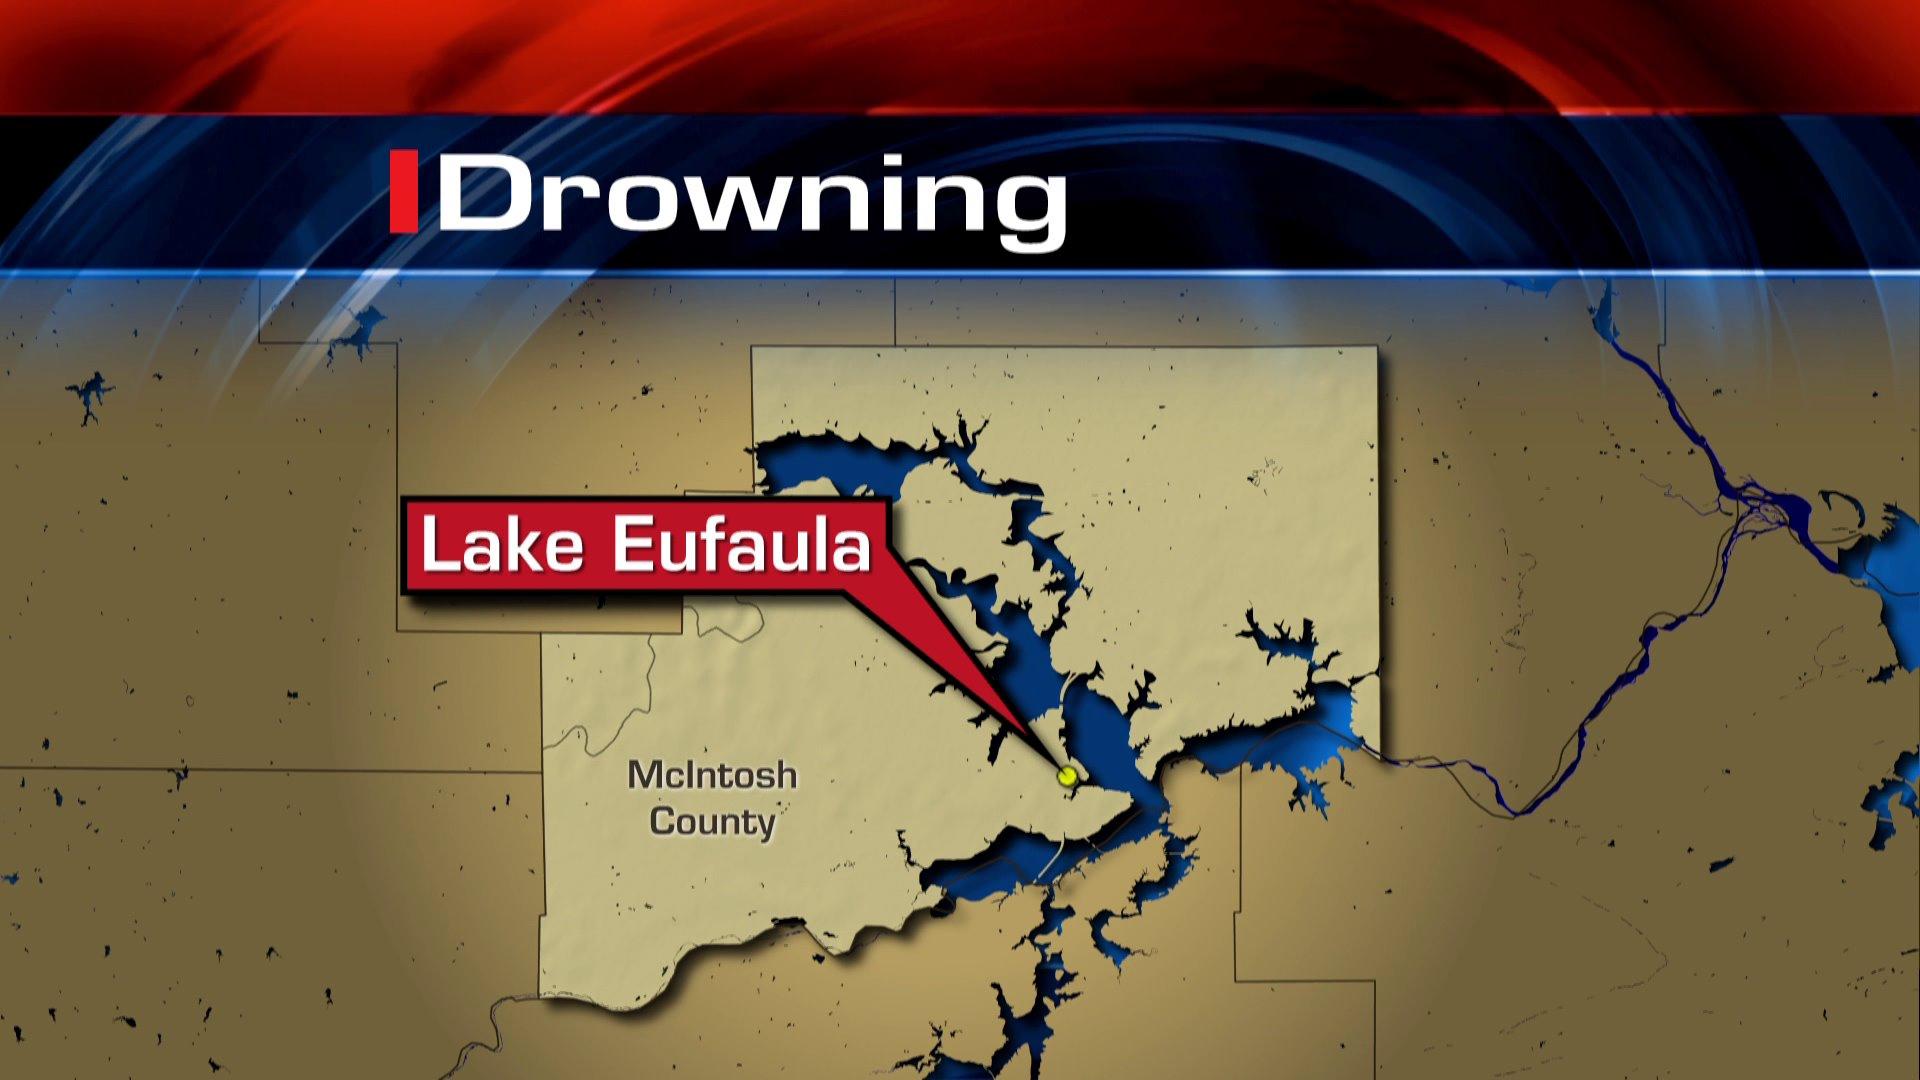 Drowning at Lake Eufaula